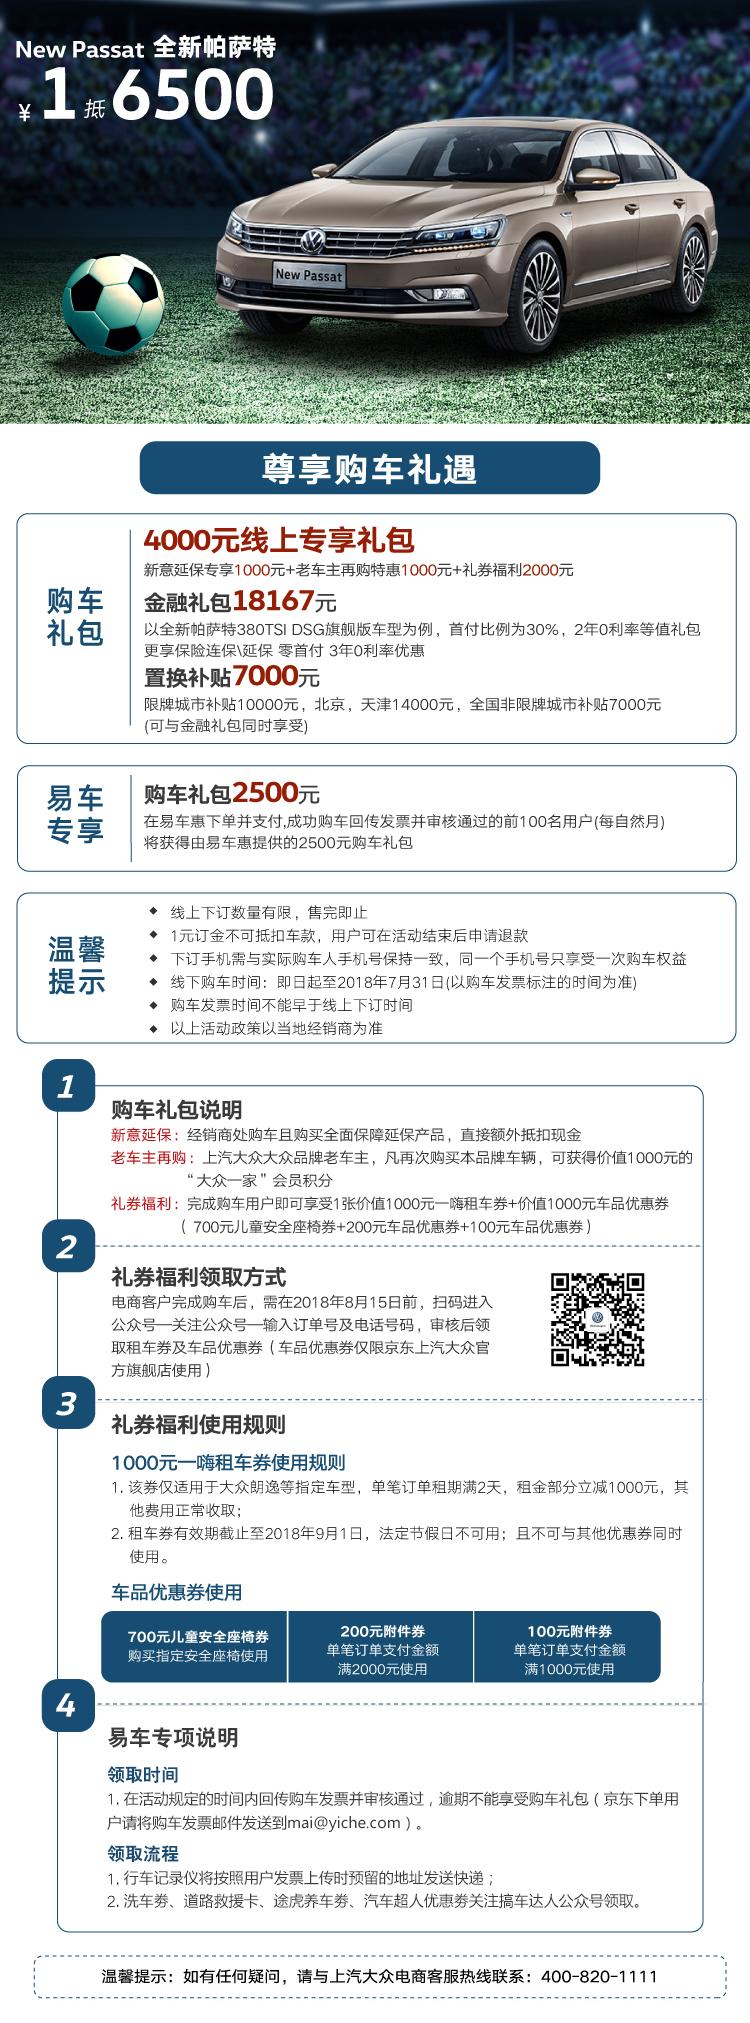 购车必看:上汽大众 全新帕萨特 线上专享优惠 1元享6500元优惠(